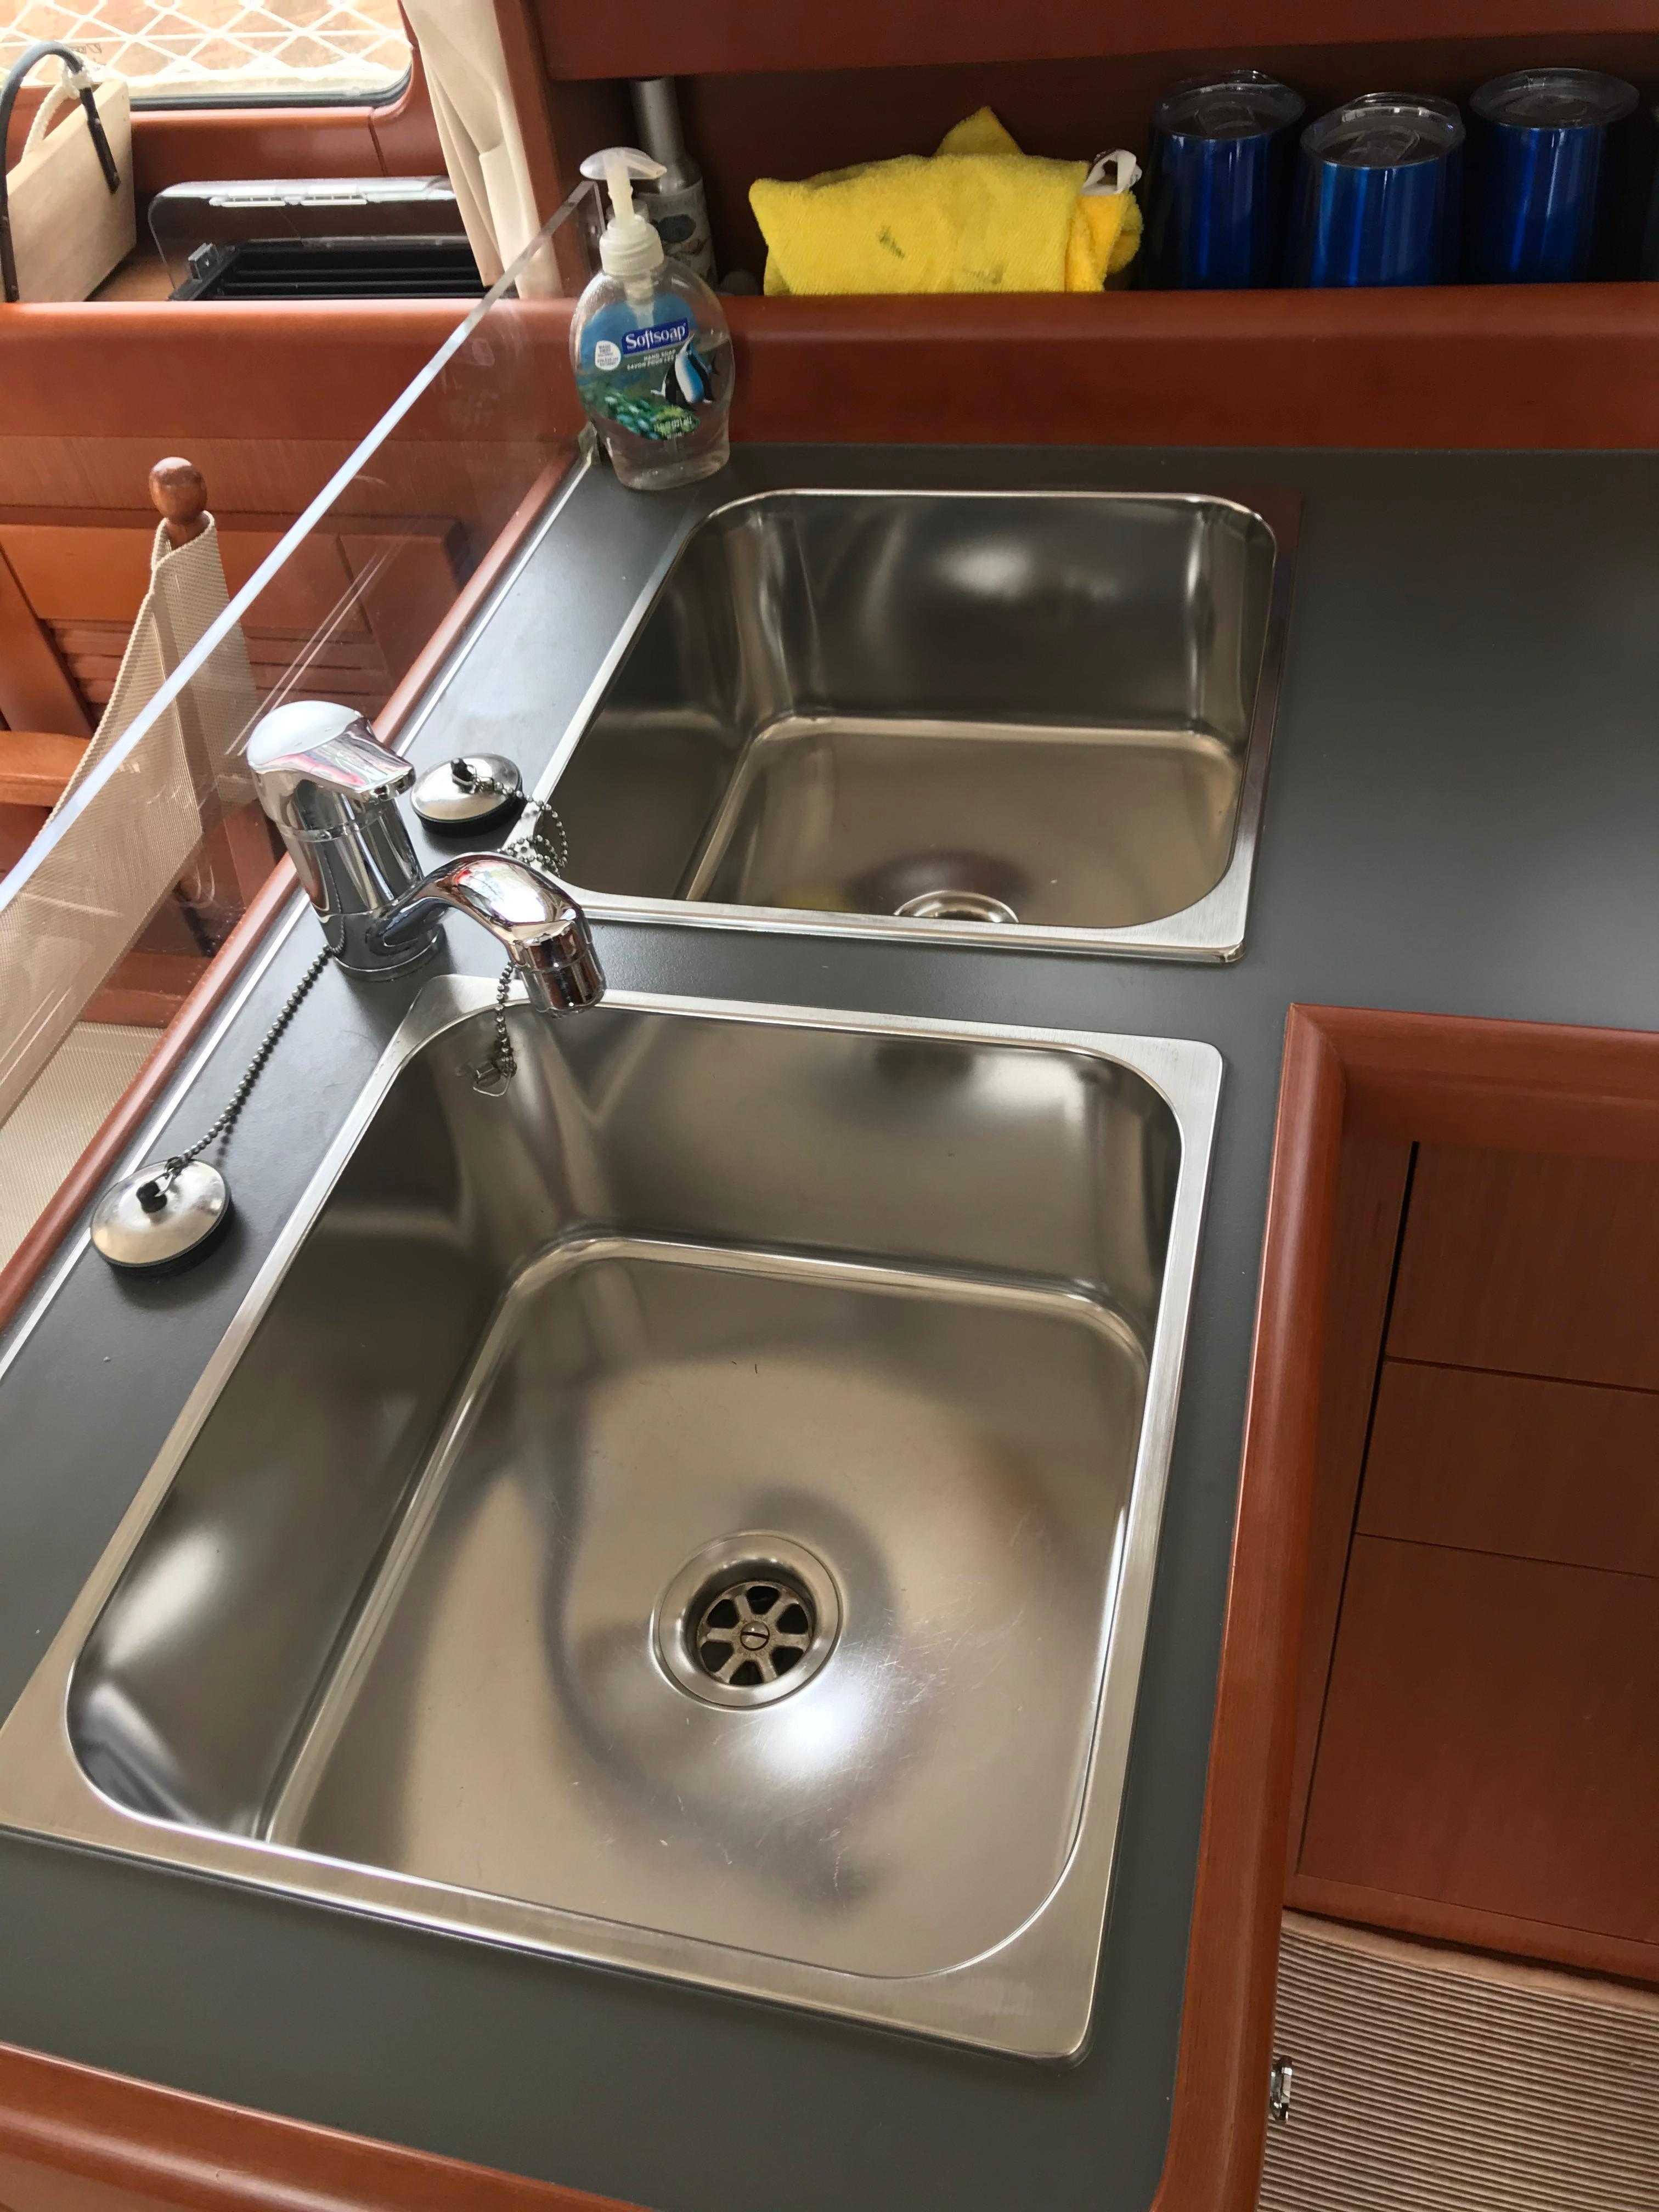 Beneteau 34 Swift Trawler - Twin Stainless Steel Sinks